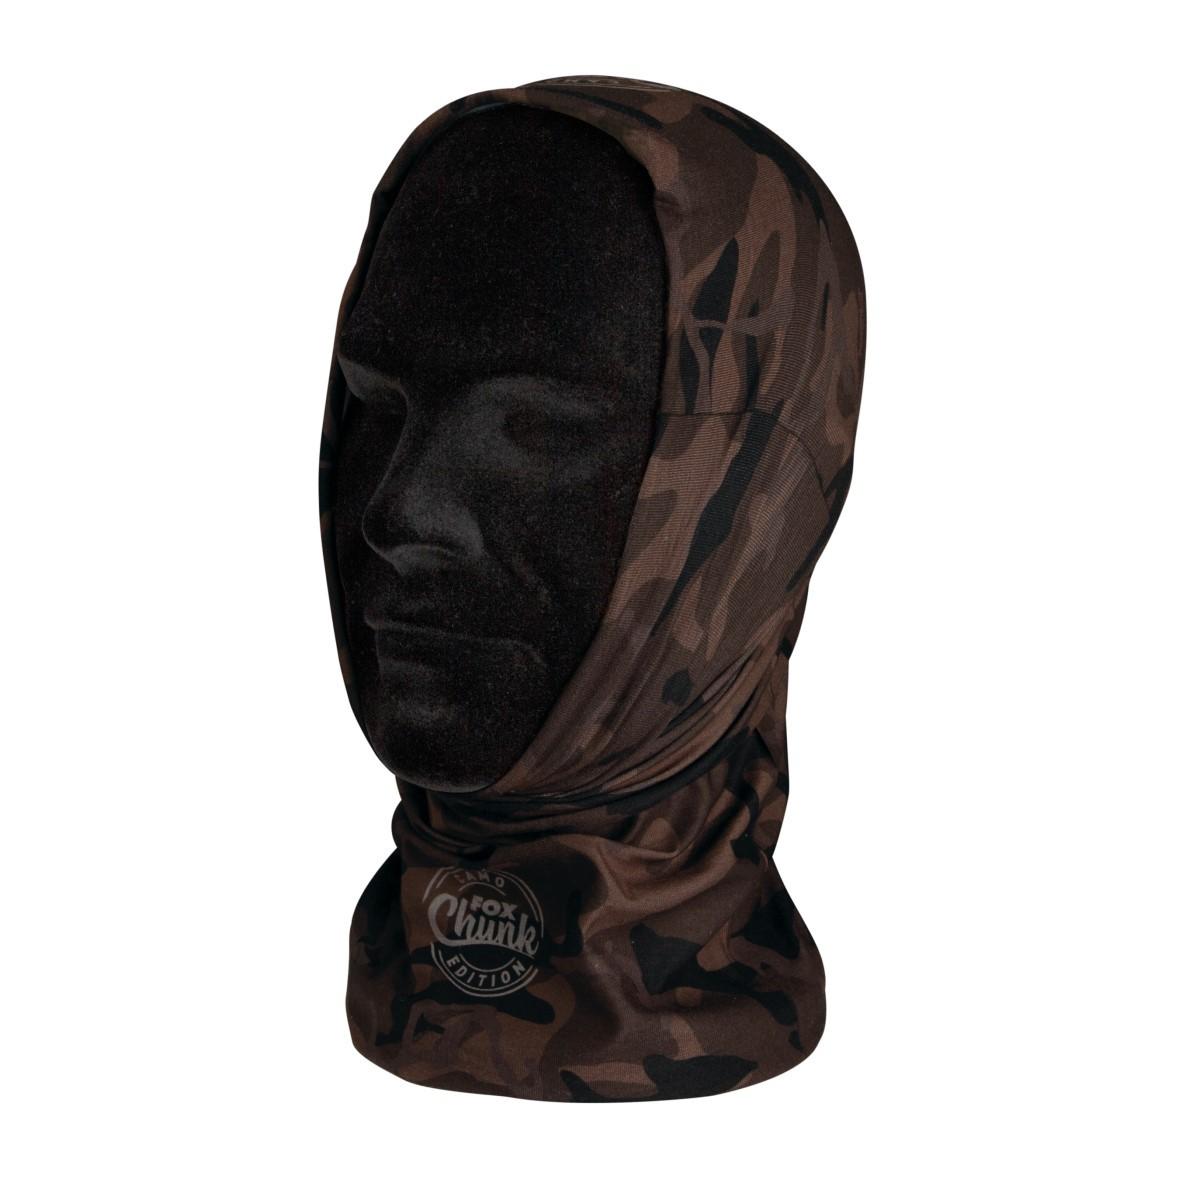 Мулти шапка/маска Fox Chunk Camo Snood